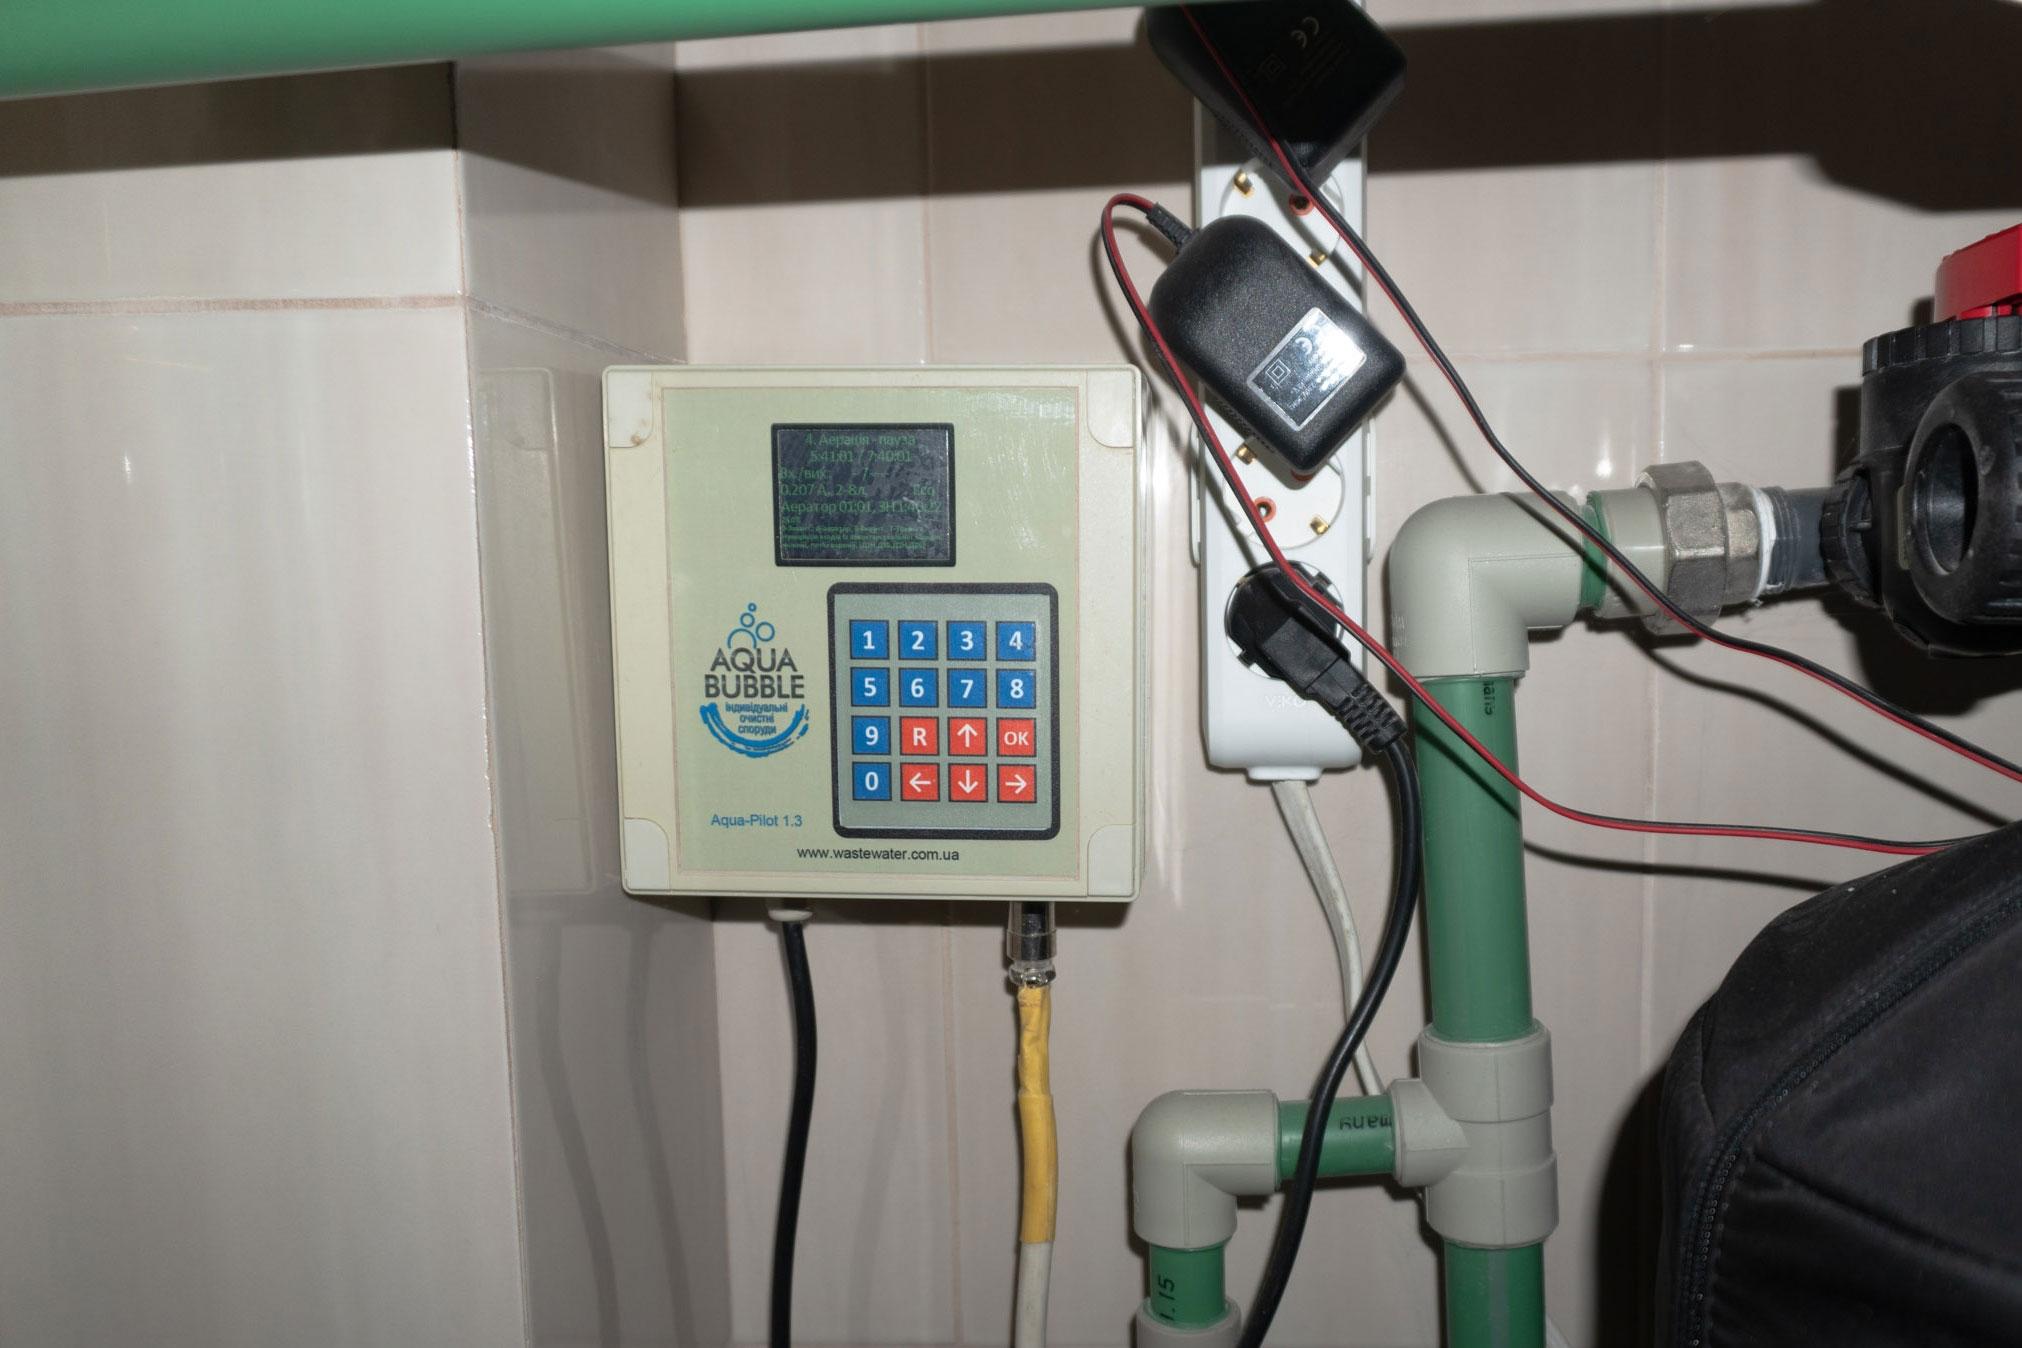 Пульт  управления  Aqua-Pilot 1.3 системы  очистки бытовых сточных вод  Аquabubble.